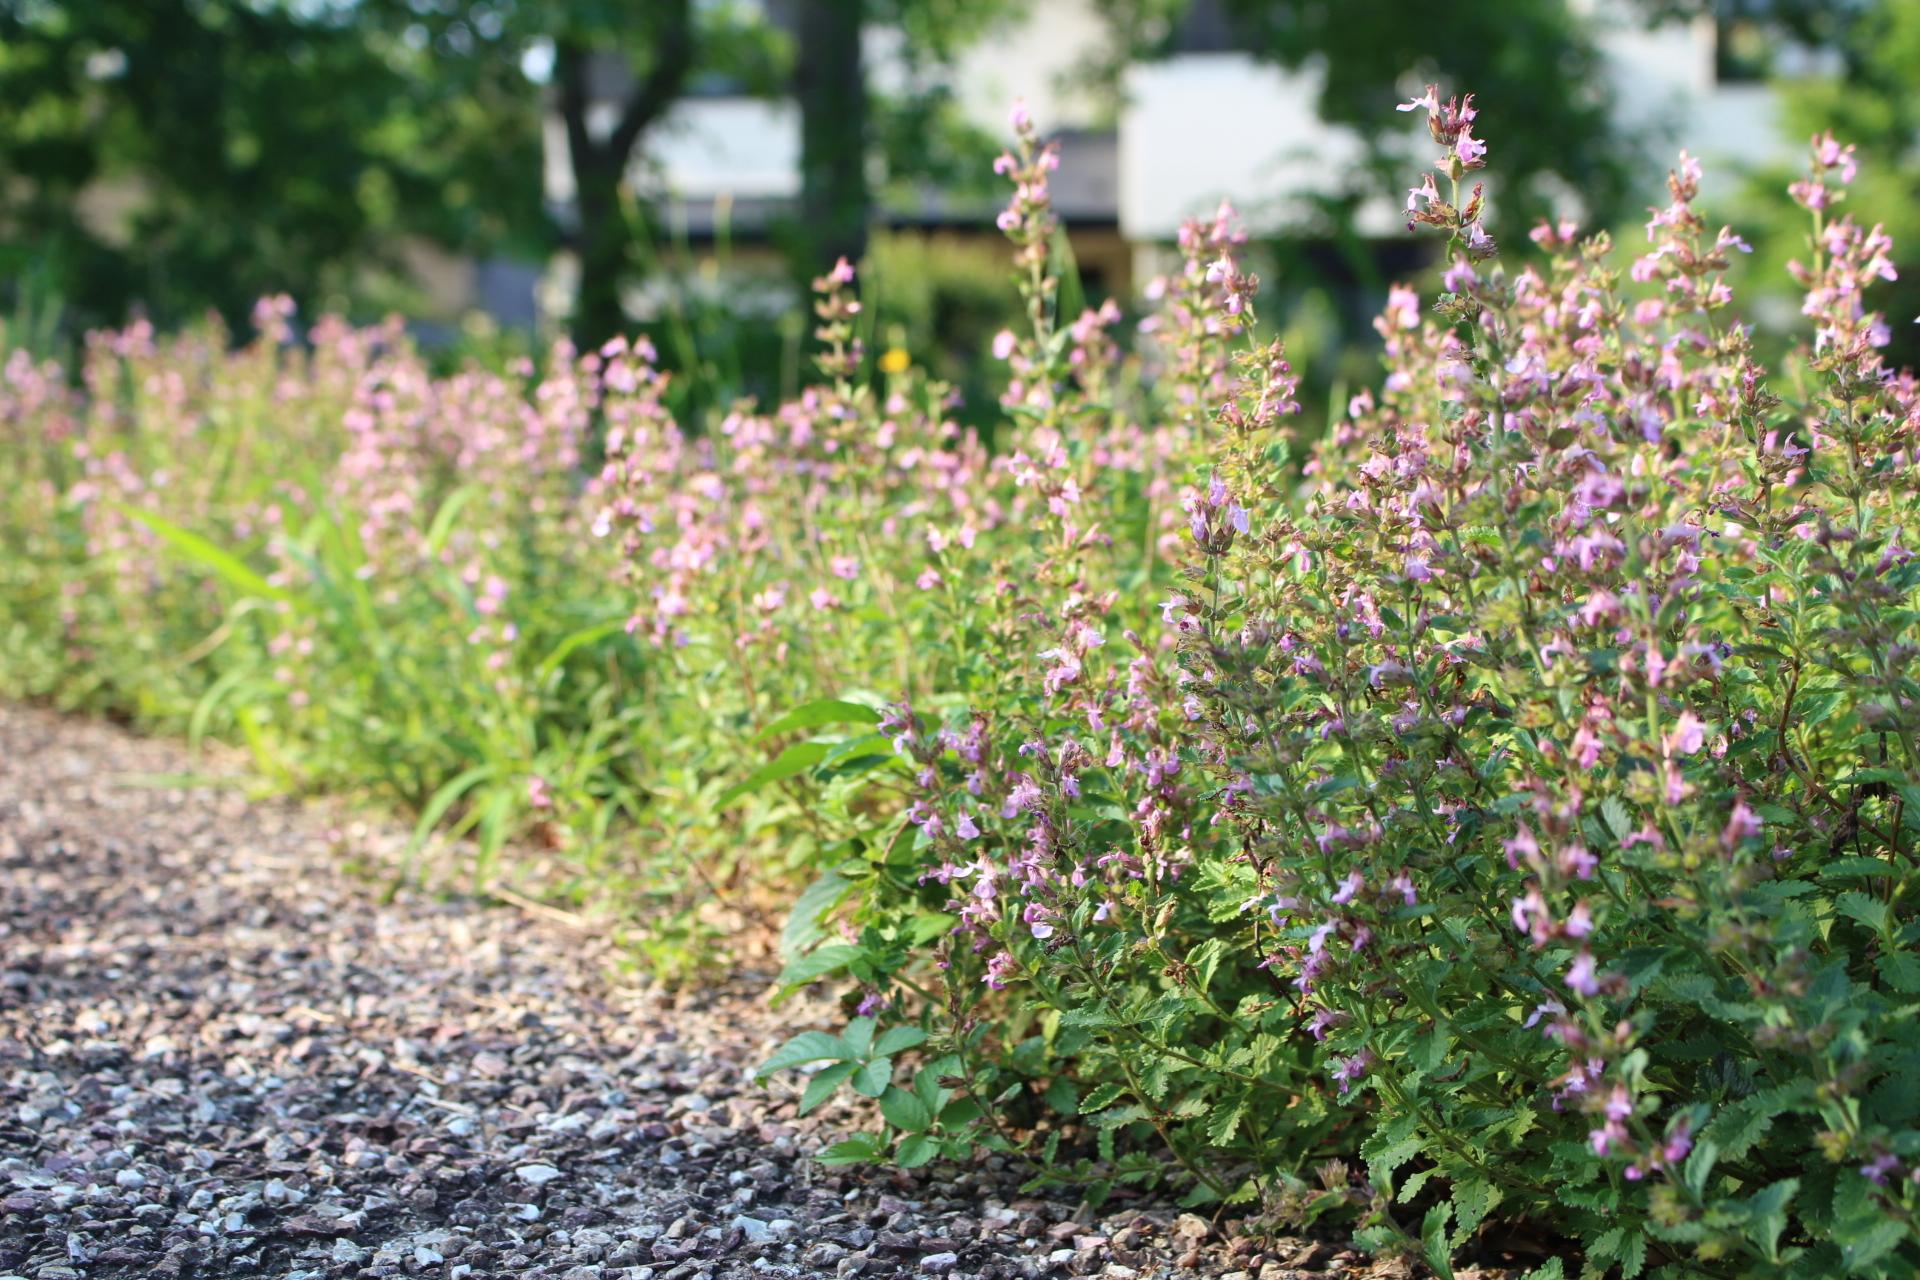 https://www.treeoflife.co.jp/garden/news/images/3141a9330ebd9d22de976f2e6aeb38a7c471db22.JPG